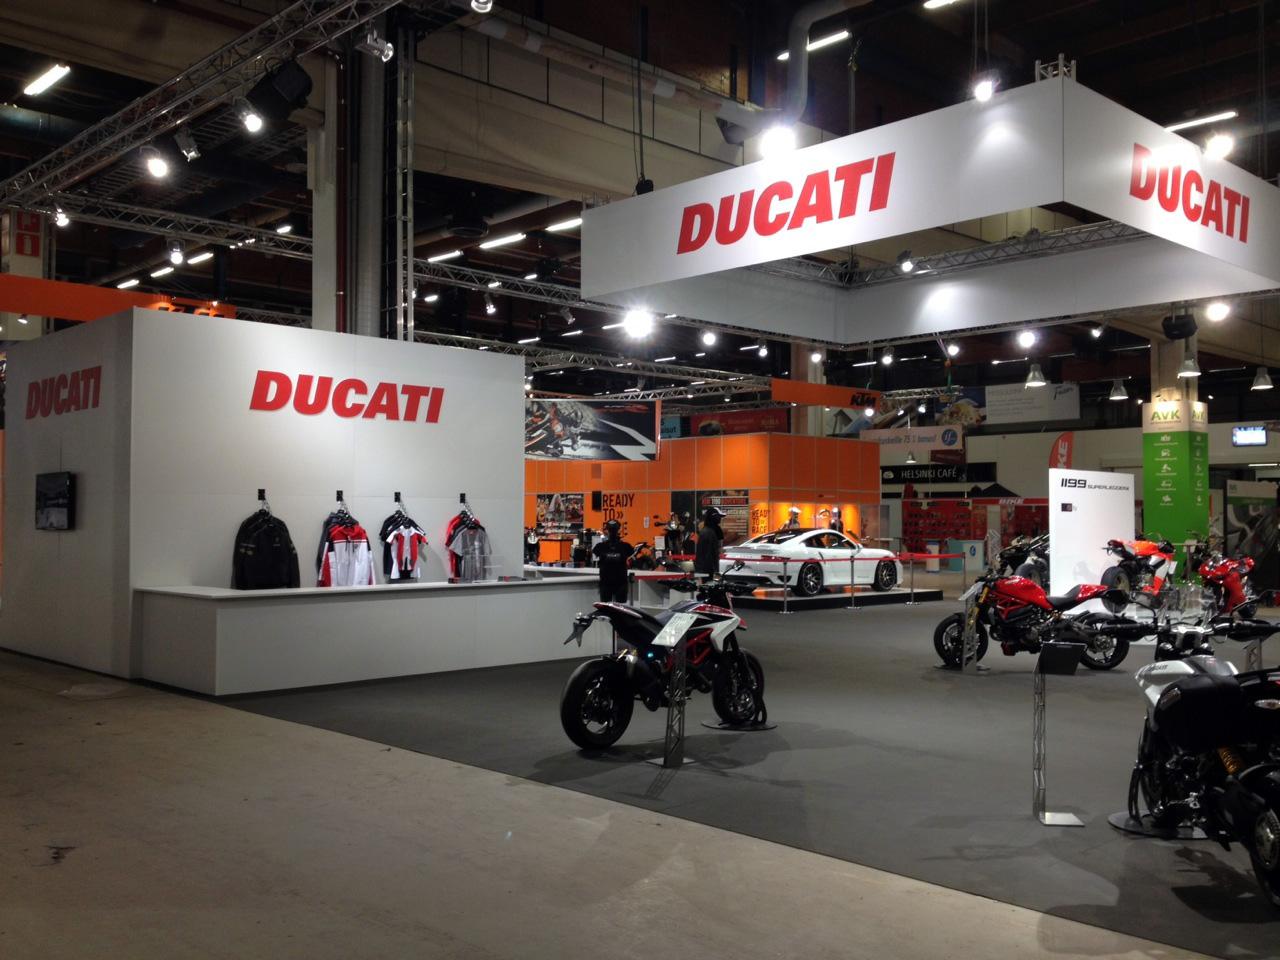 ducati_g3.jpg